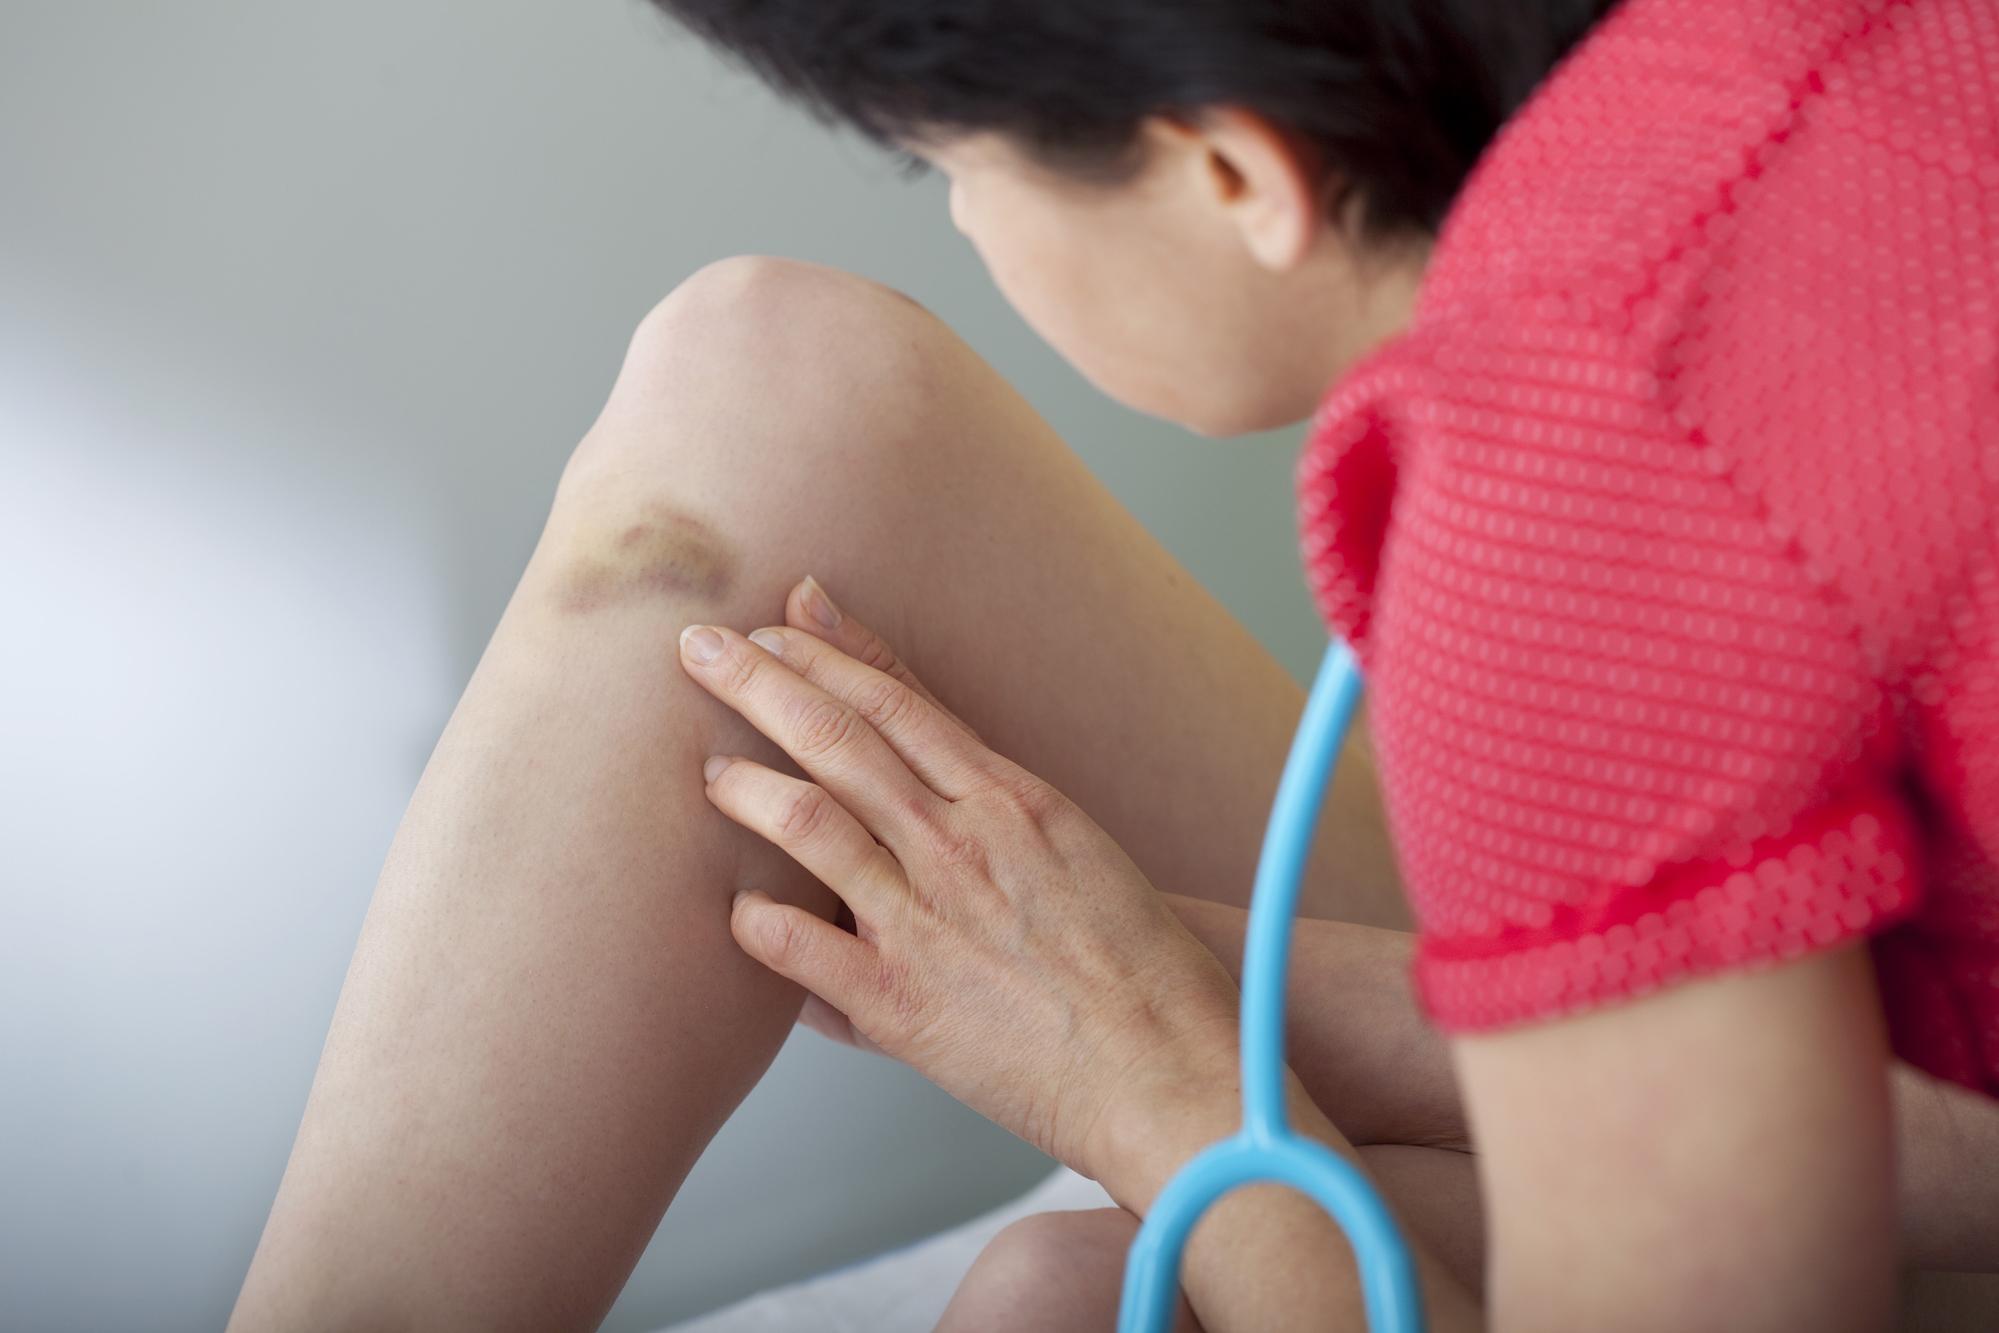 Почему на теле могут самопроизвольно появляться синяки